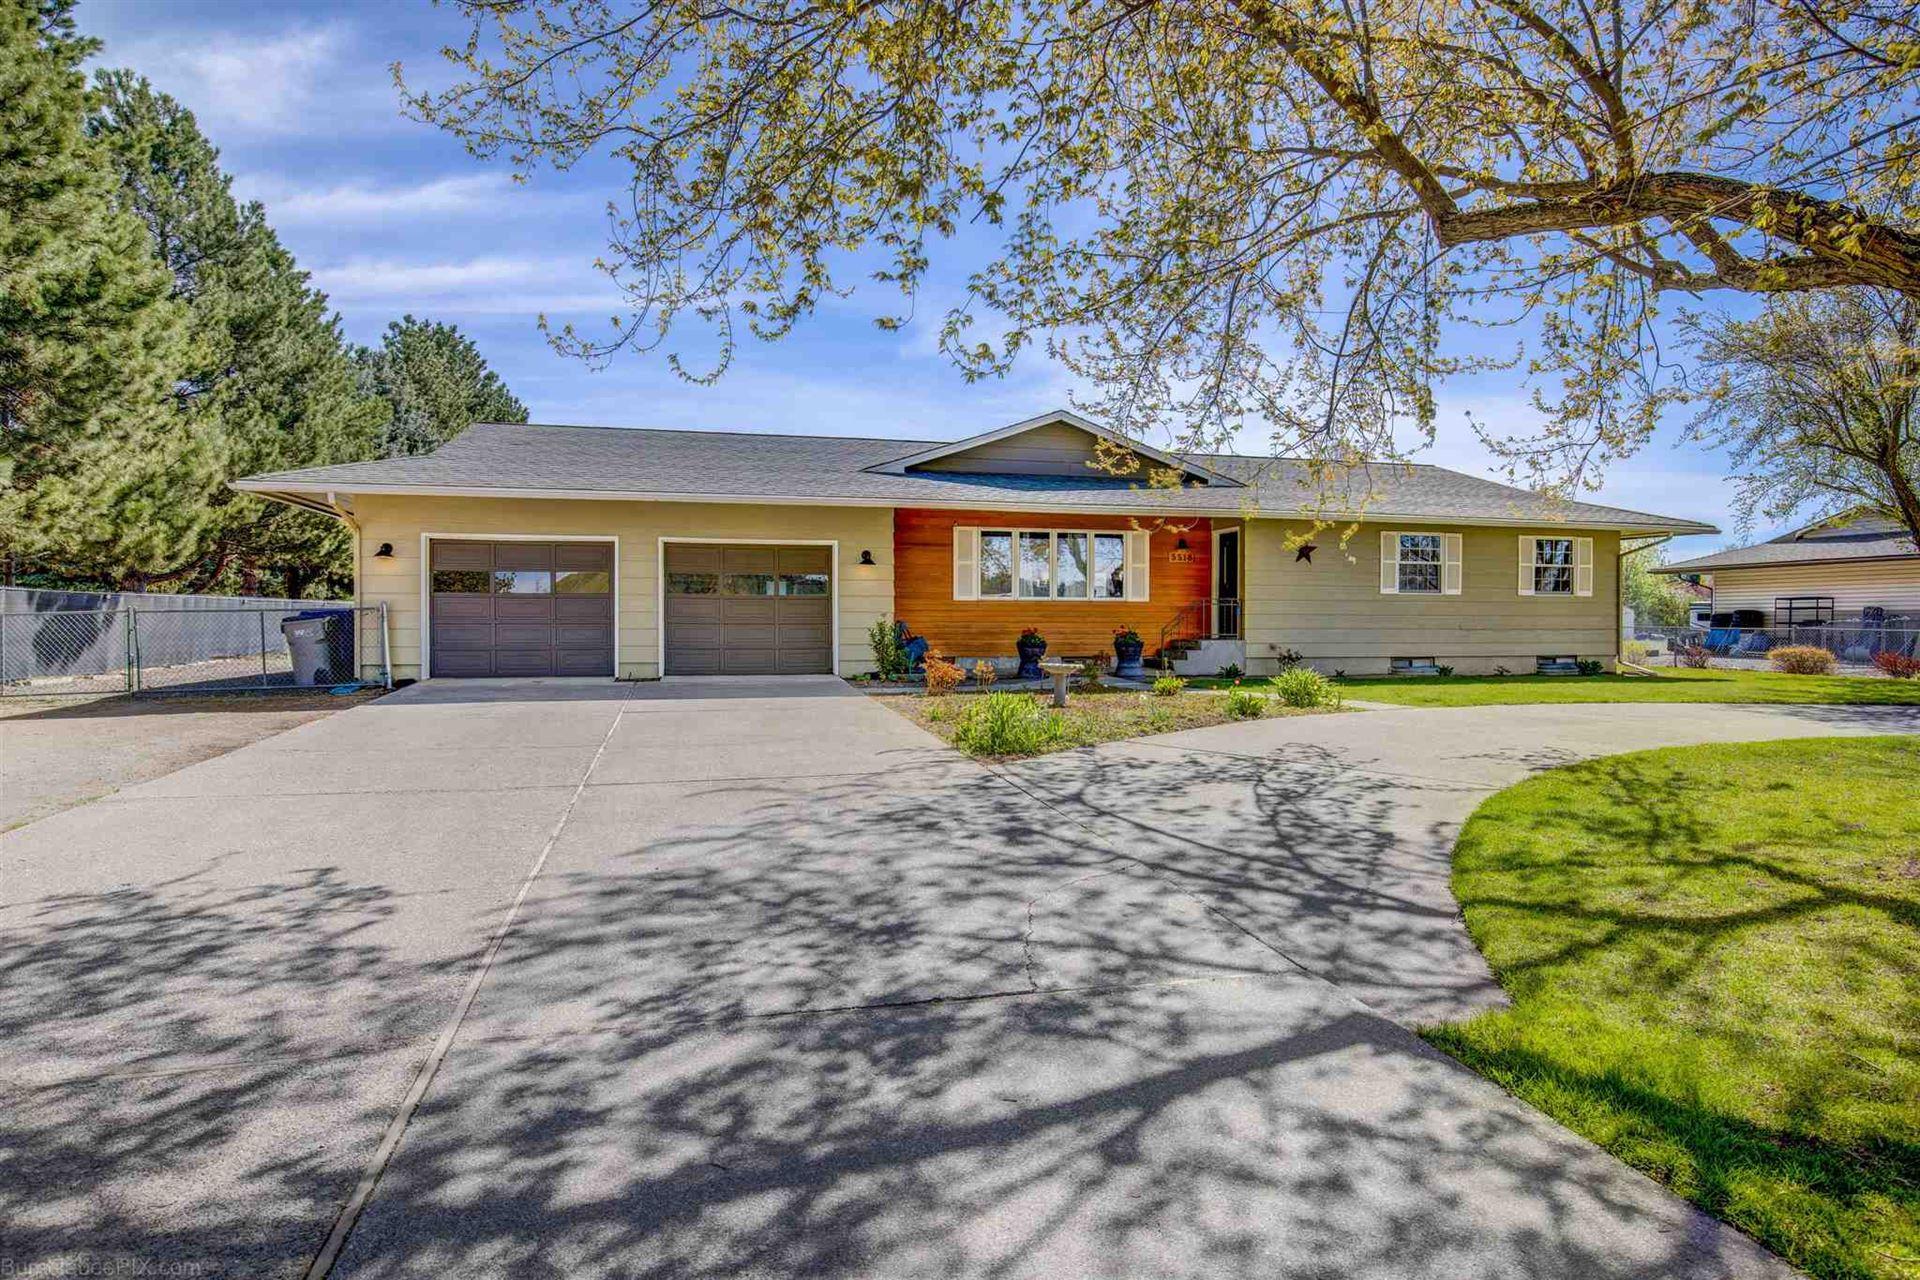 5518 N Bannen Rd, Spokane, WA 99216 - #: 202114673